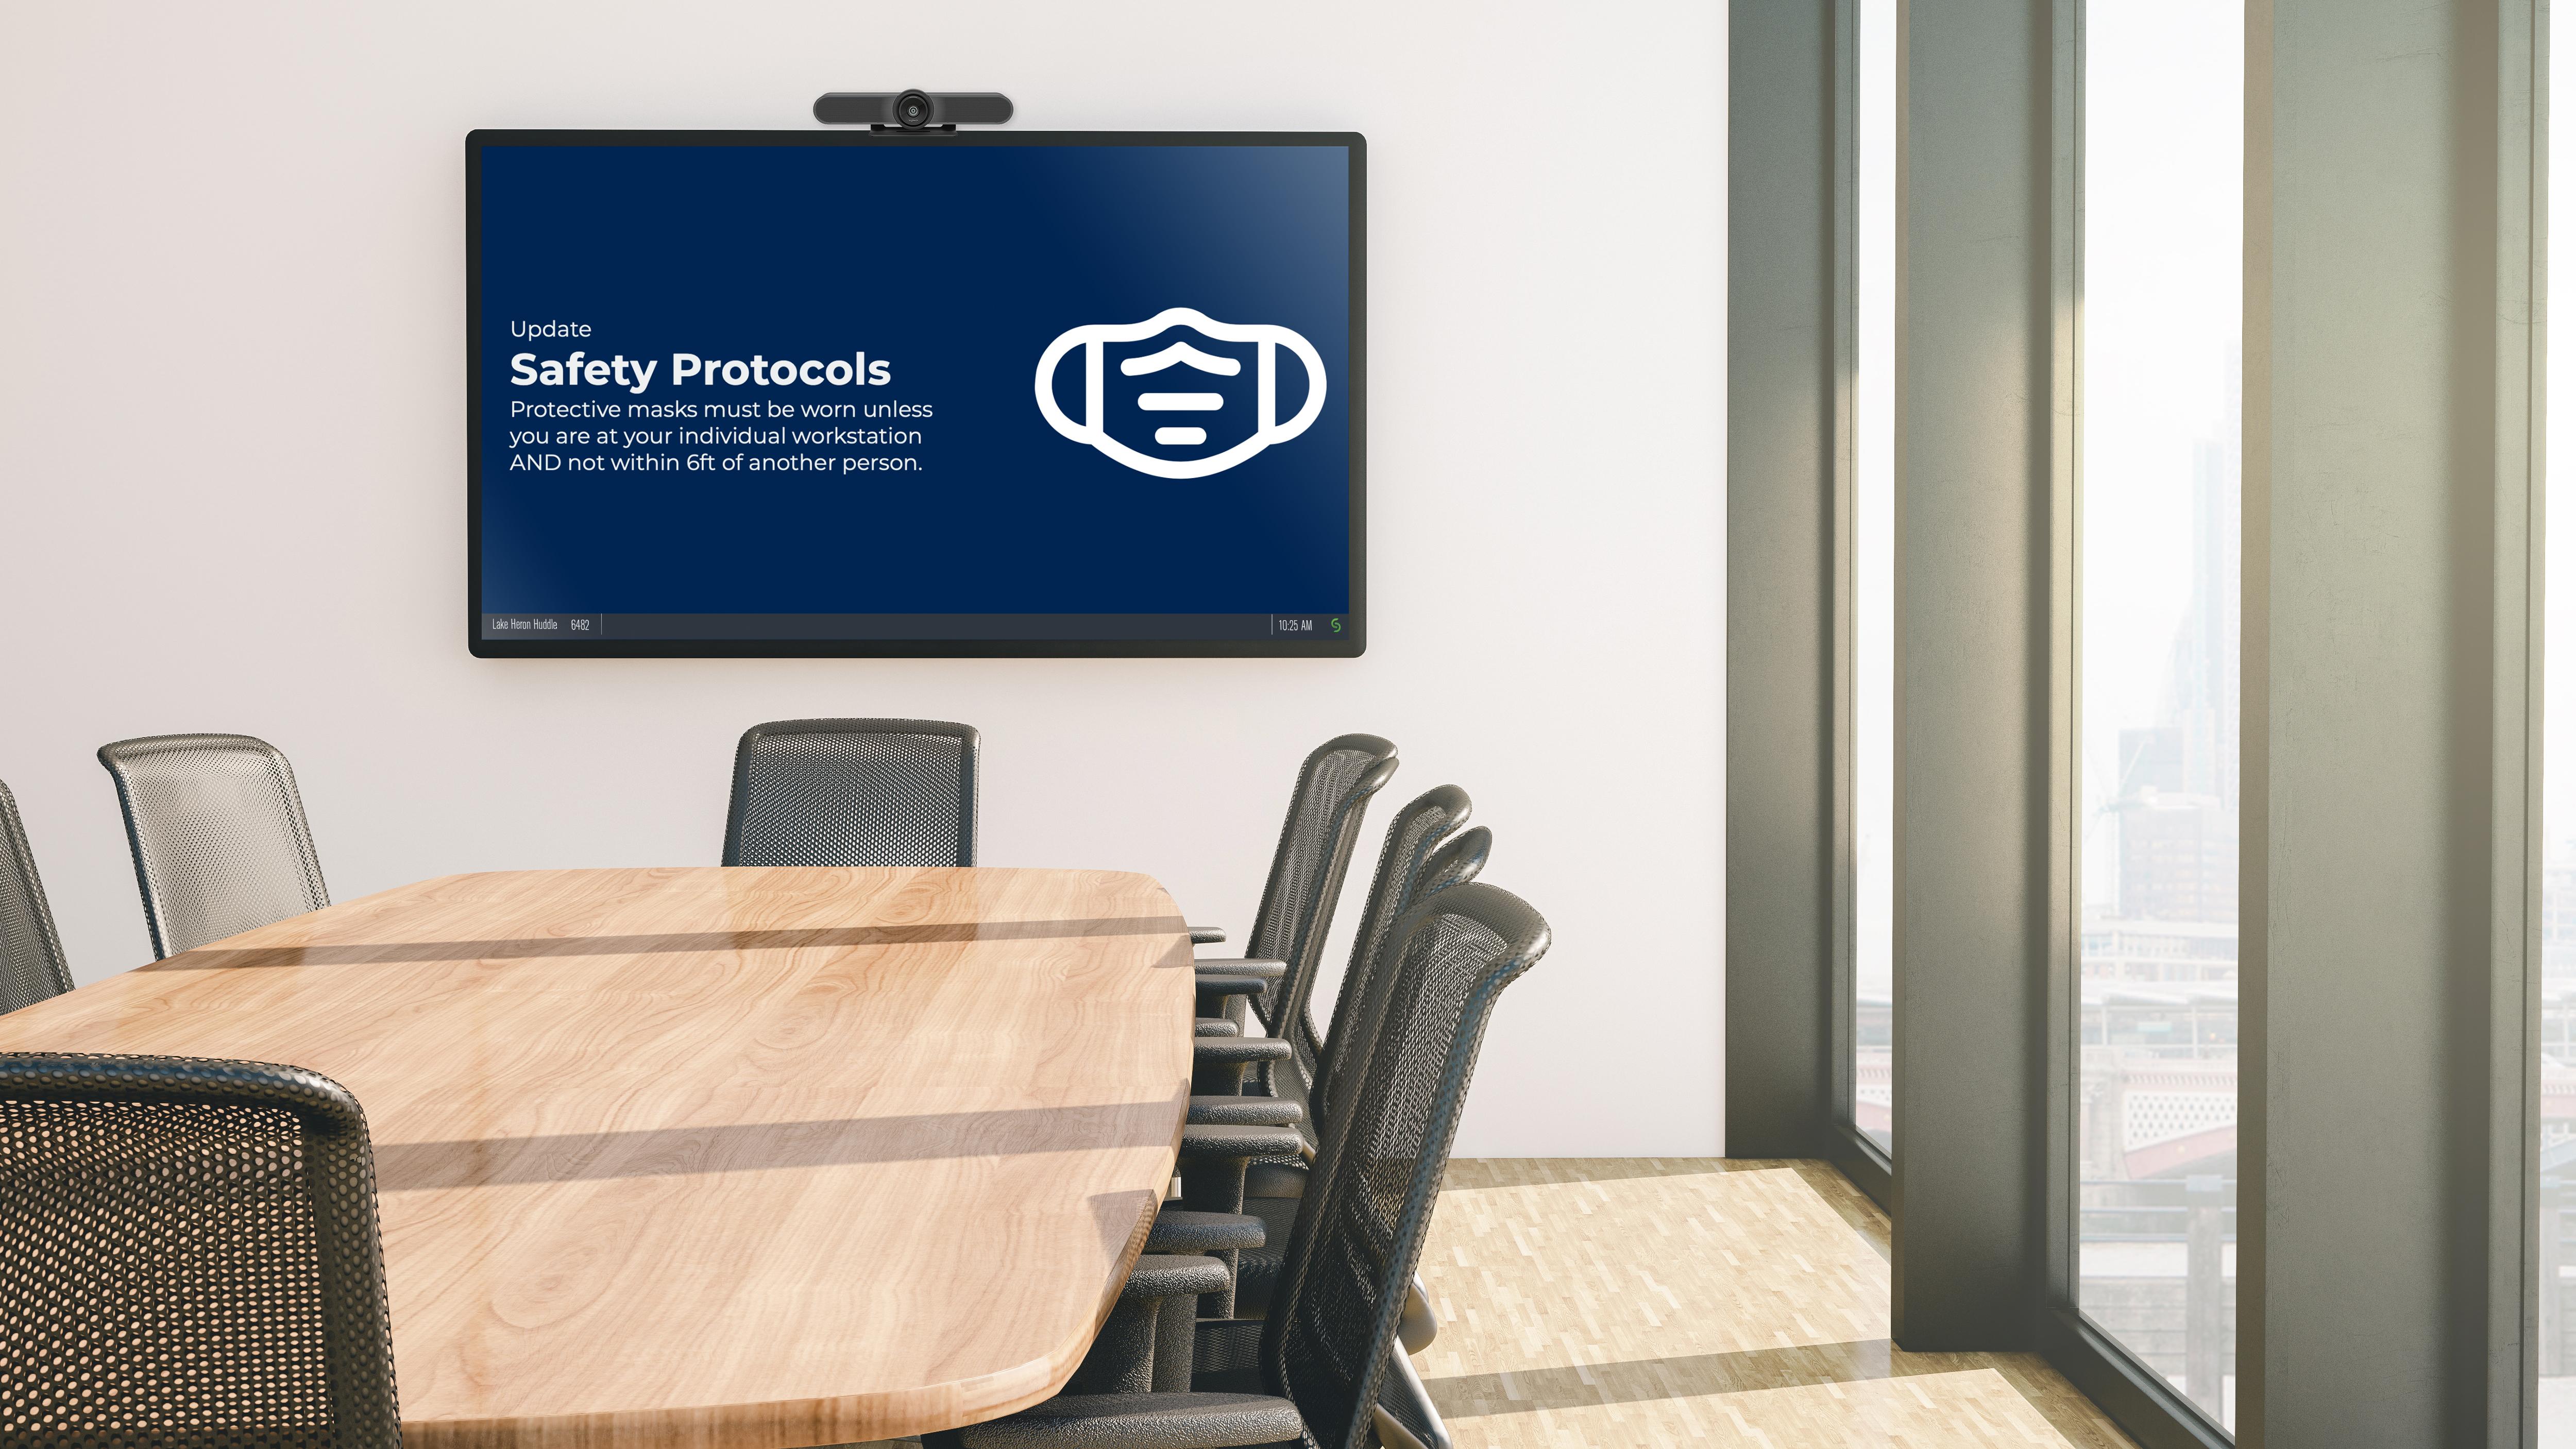 Digital Signage Room